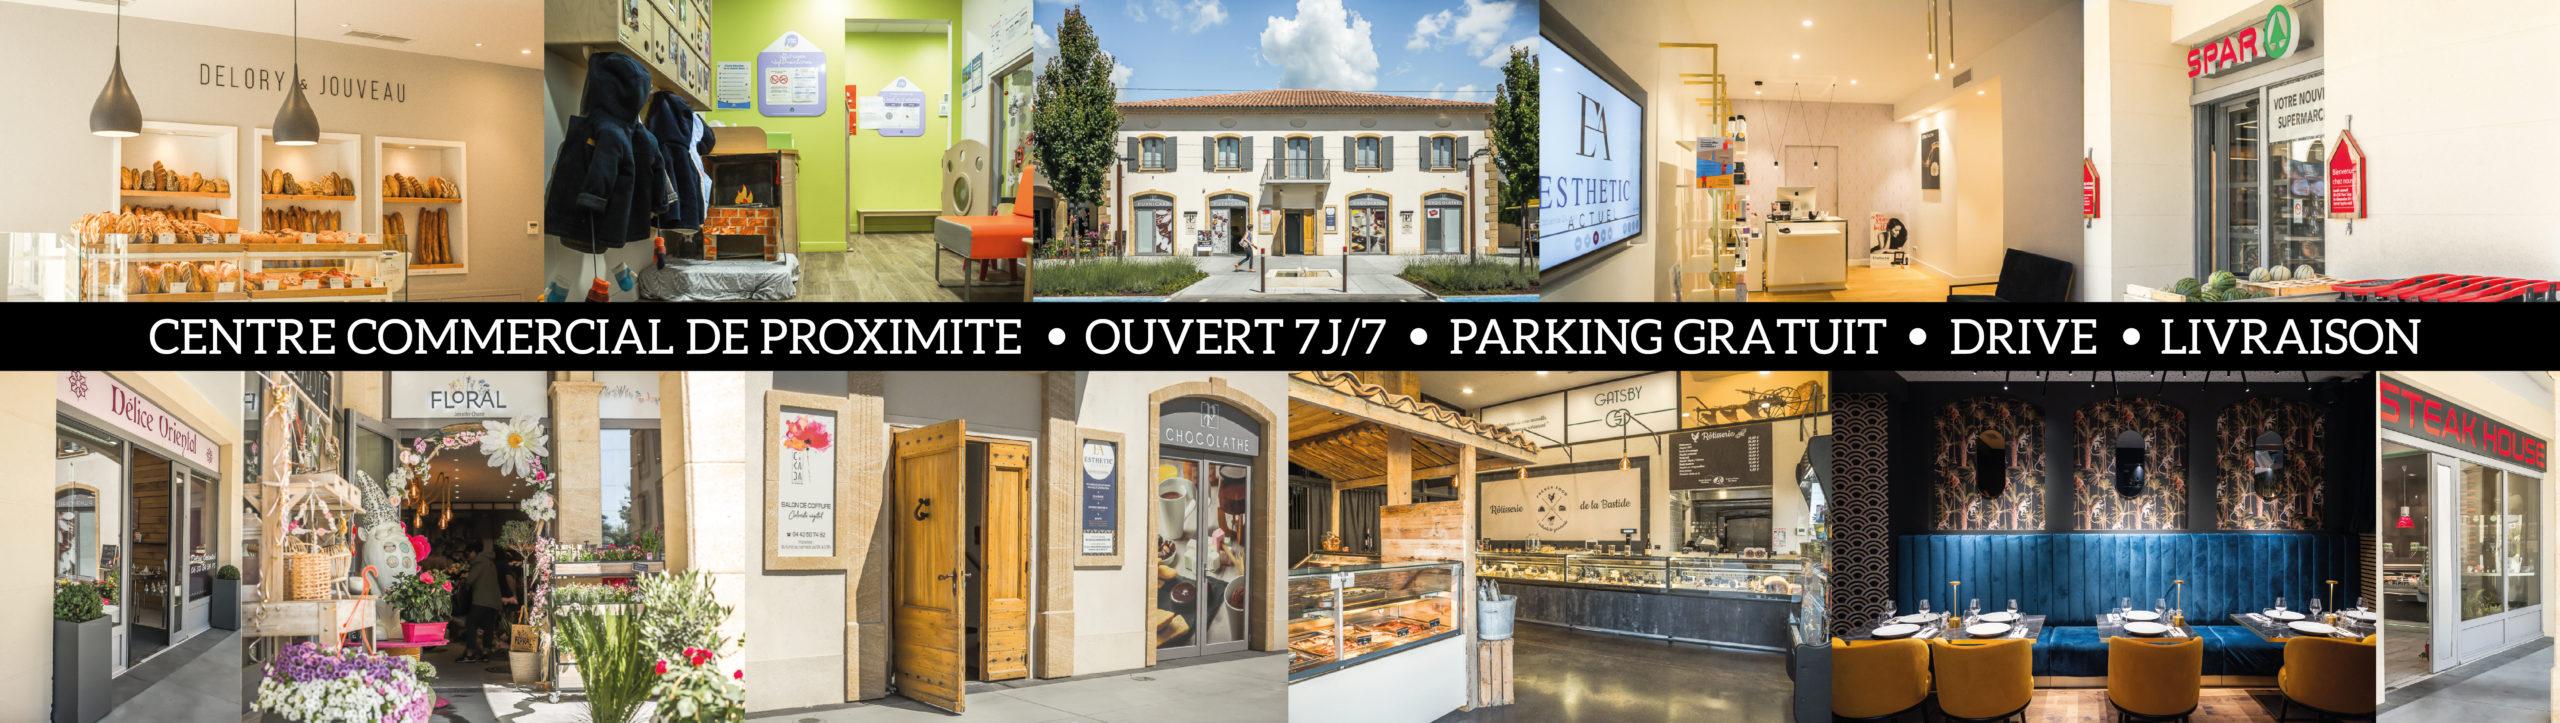 Les-Commerces-de-la-Bastide-2021-05-3-bandeau